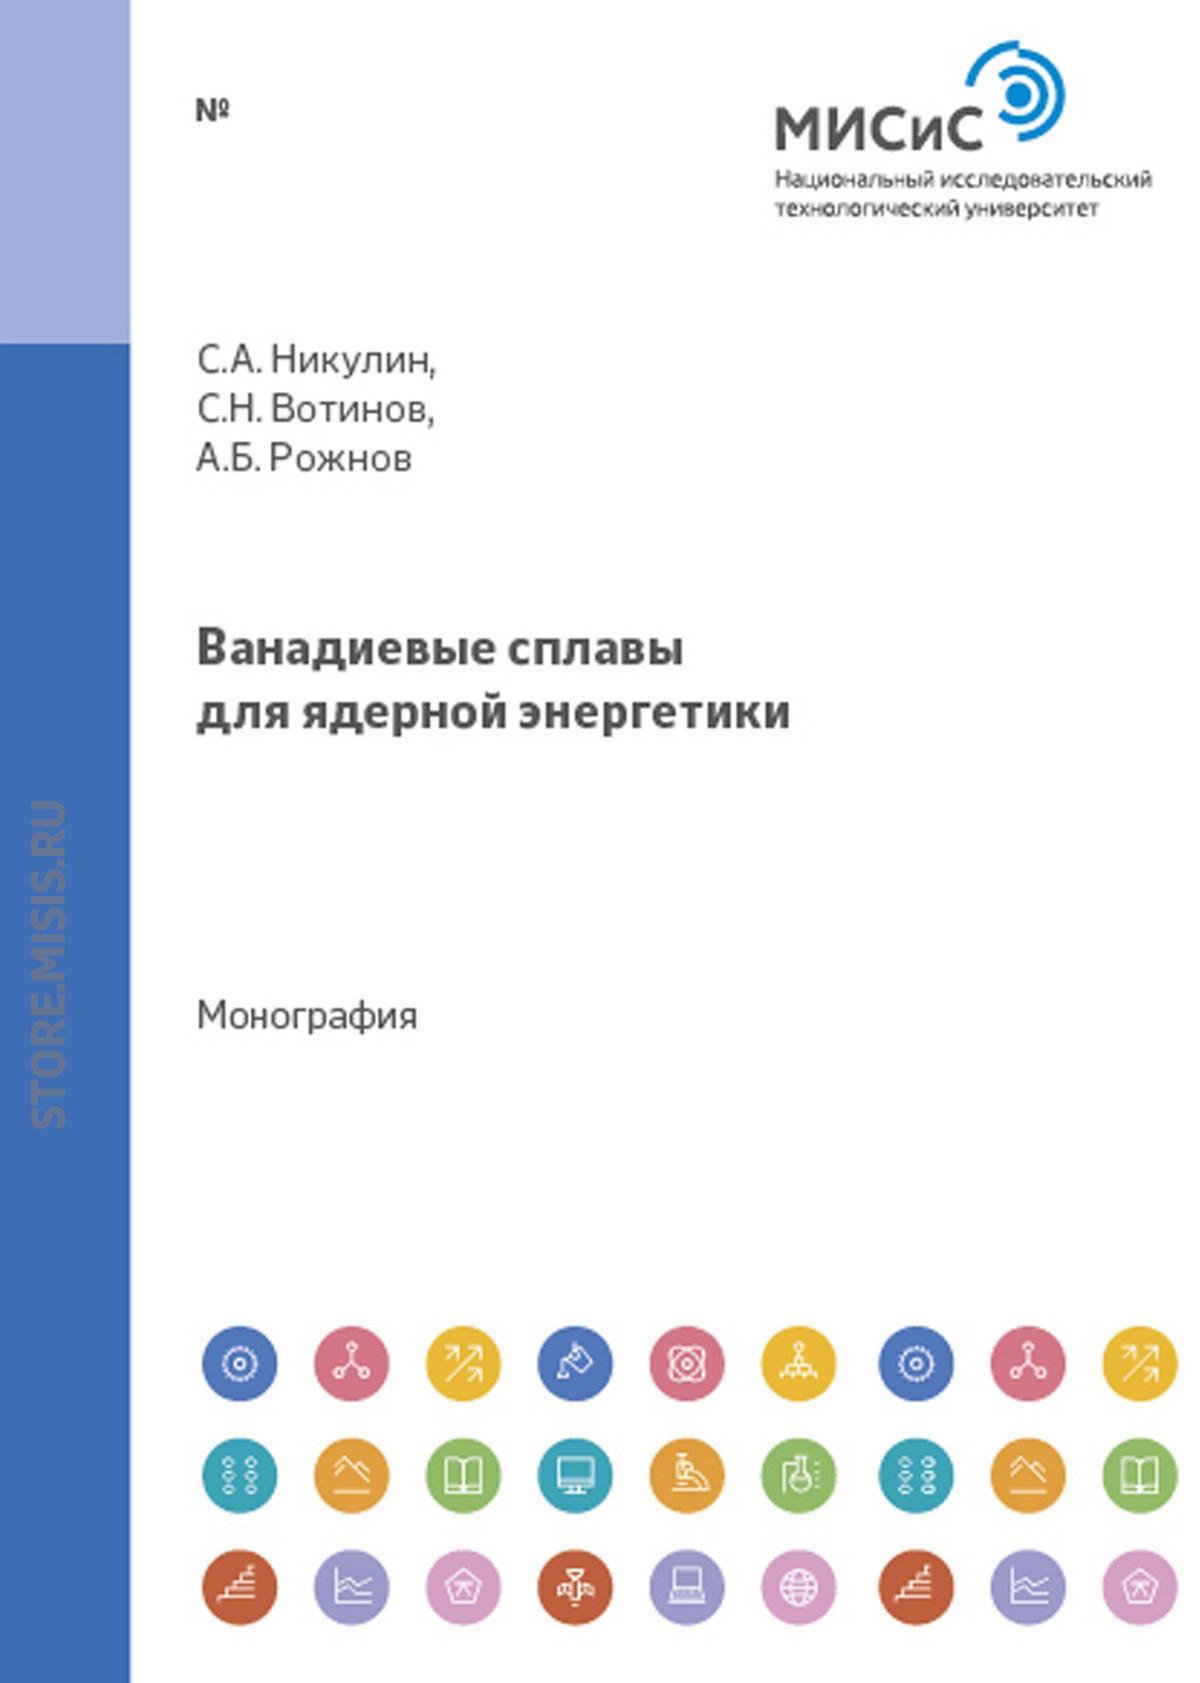 Андрей Рожнов Ванадиевые сплавы для ядерной энергетики сергей никулин применение метода акустической эмиссии при испытаниях материалов для ядерной энергетики